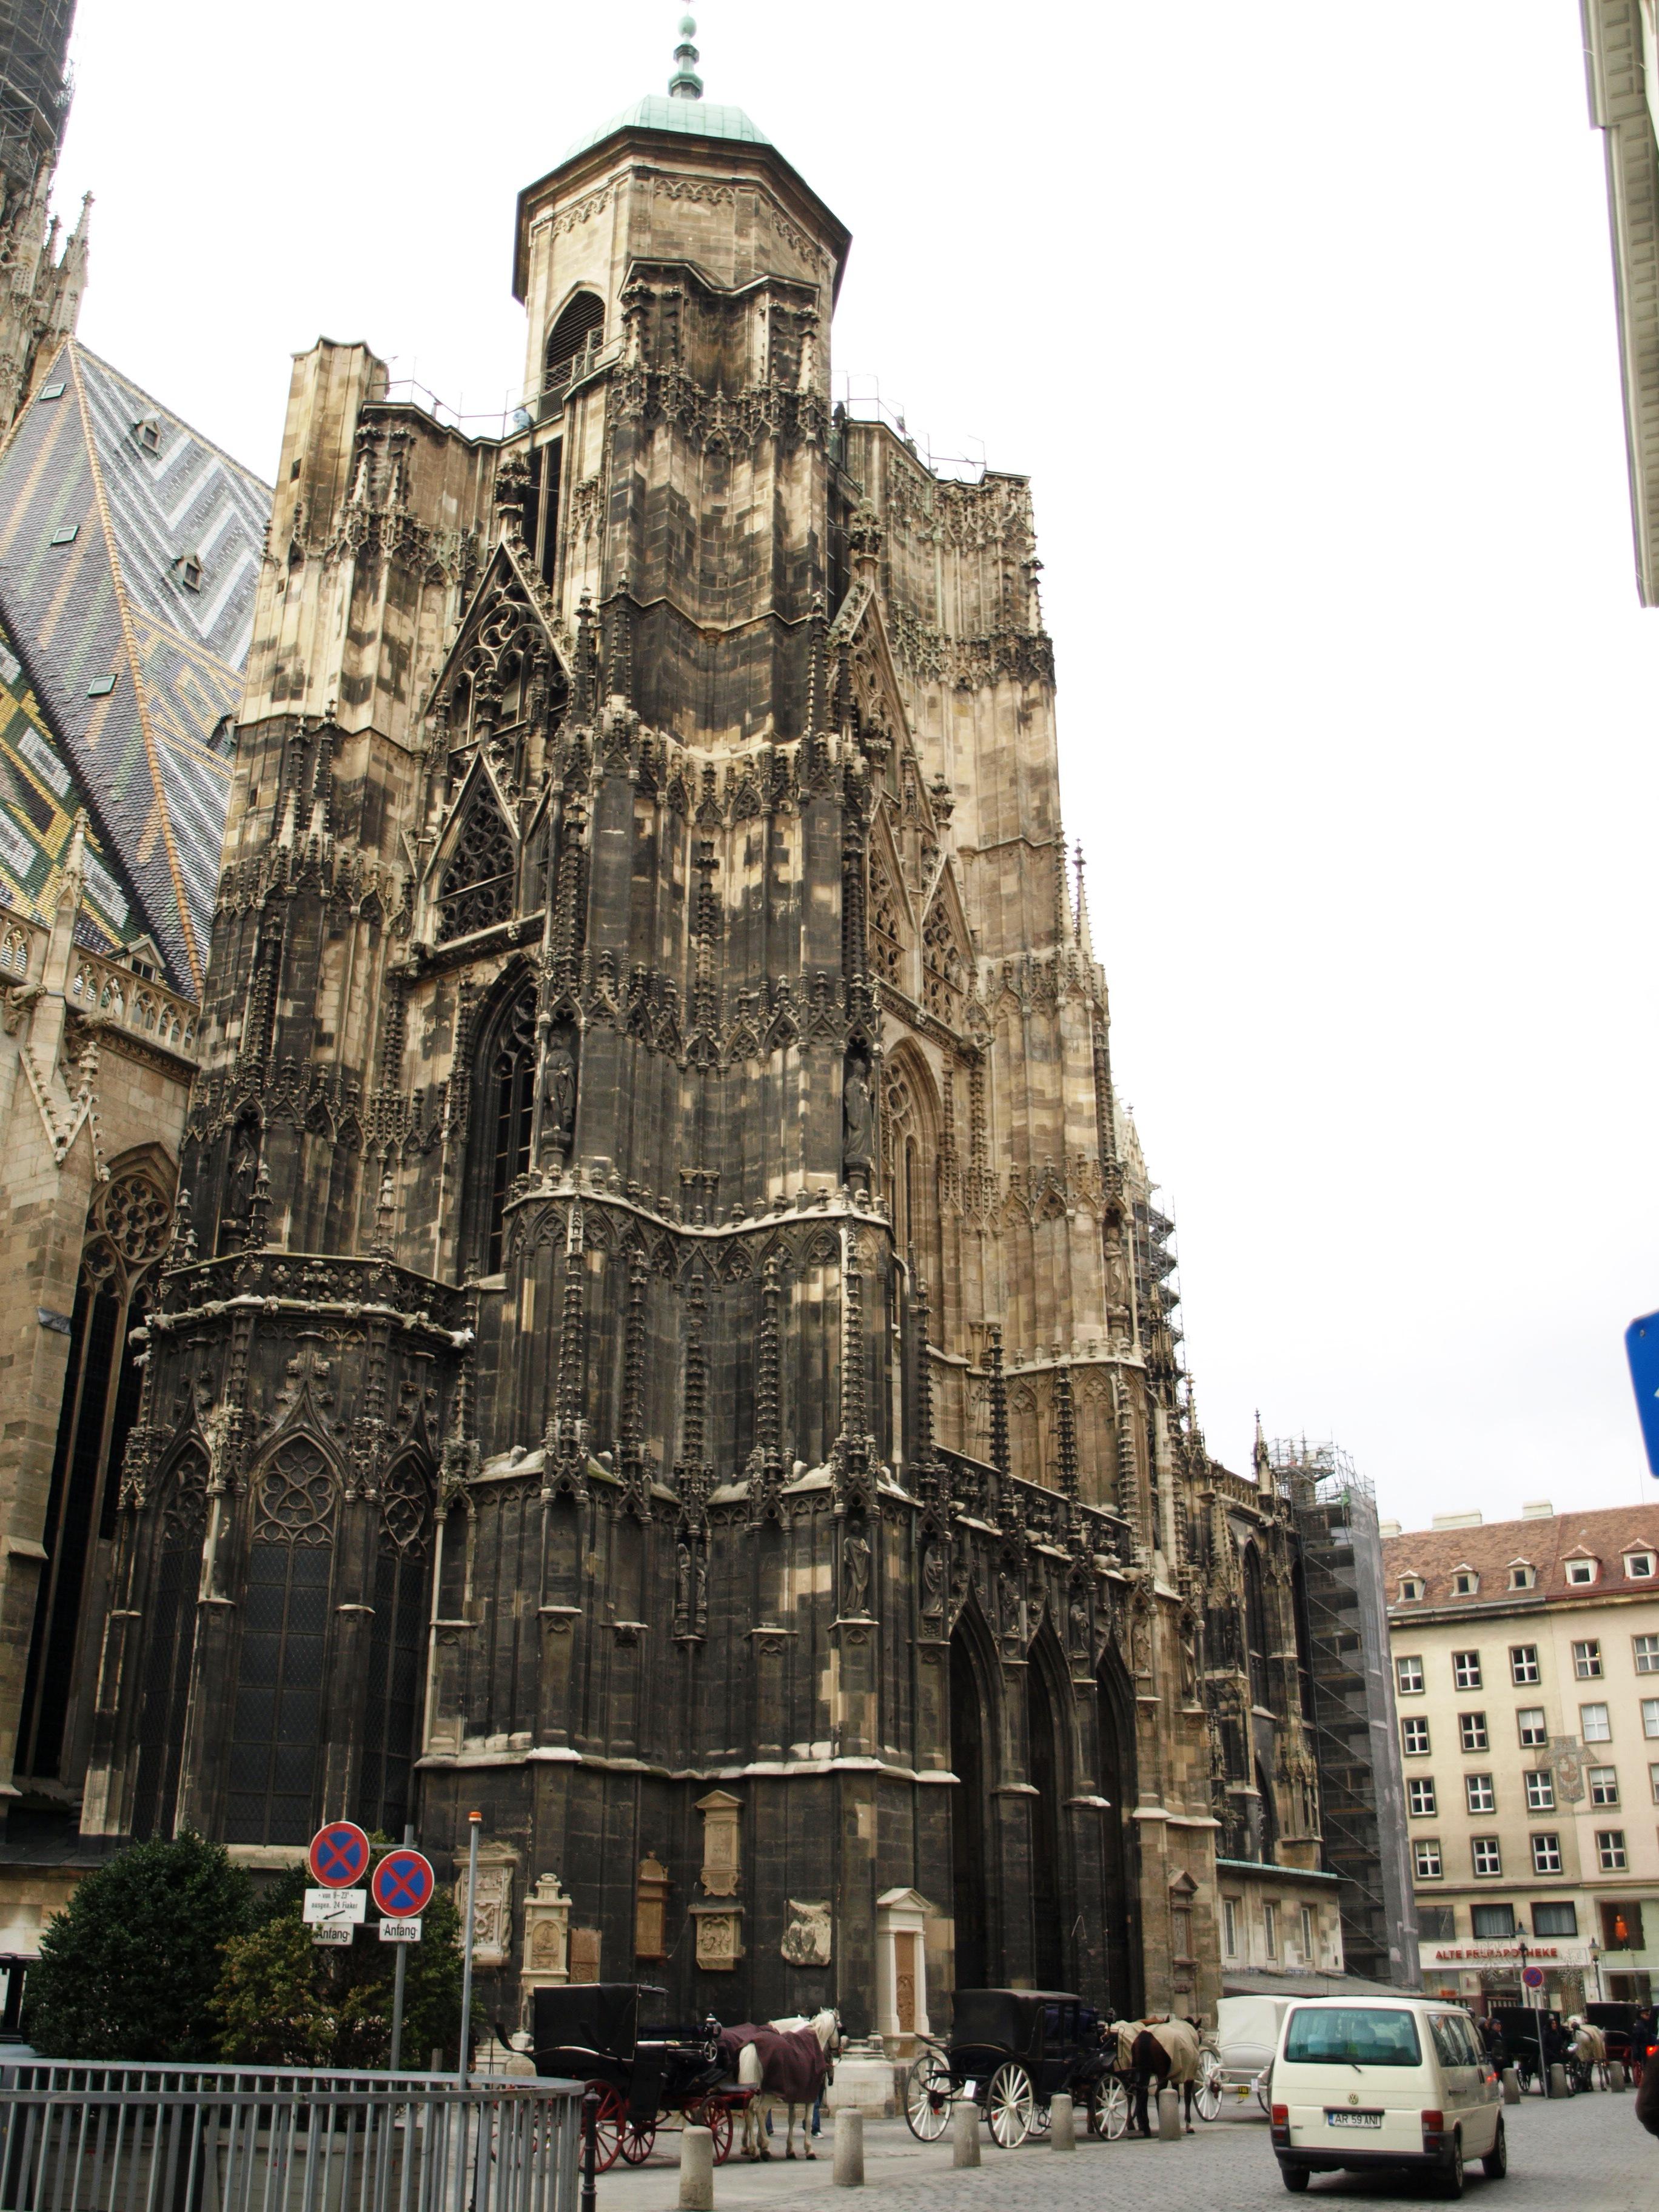 Rakousko - Vídeň - katedrála sv.Štěpána, založena 1137, 1230-58 první přestavba, 1304-1433 gotická přestavba